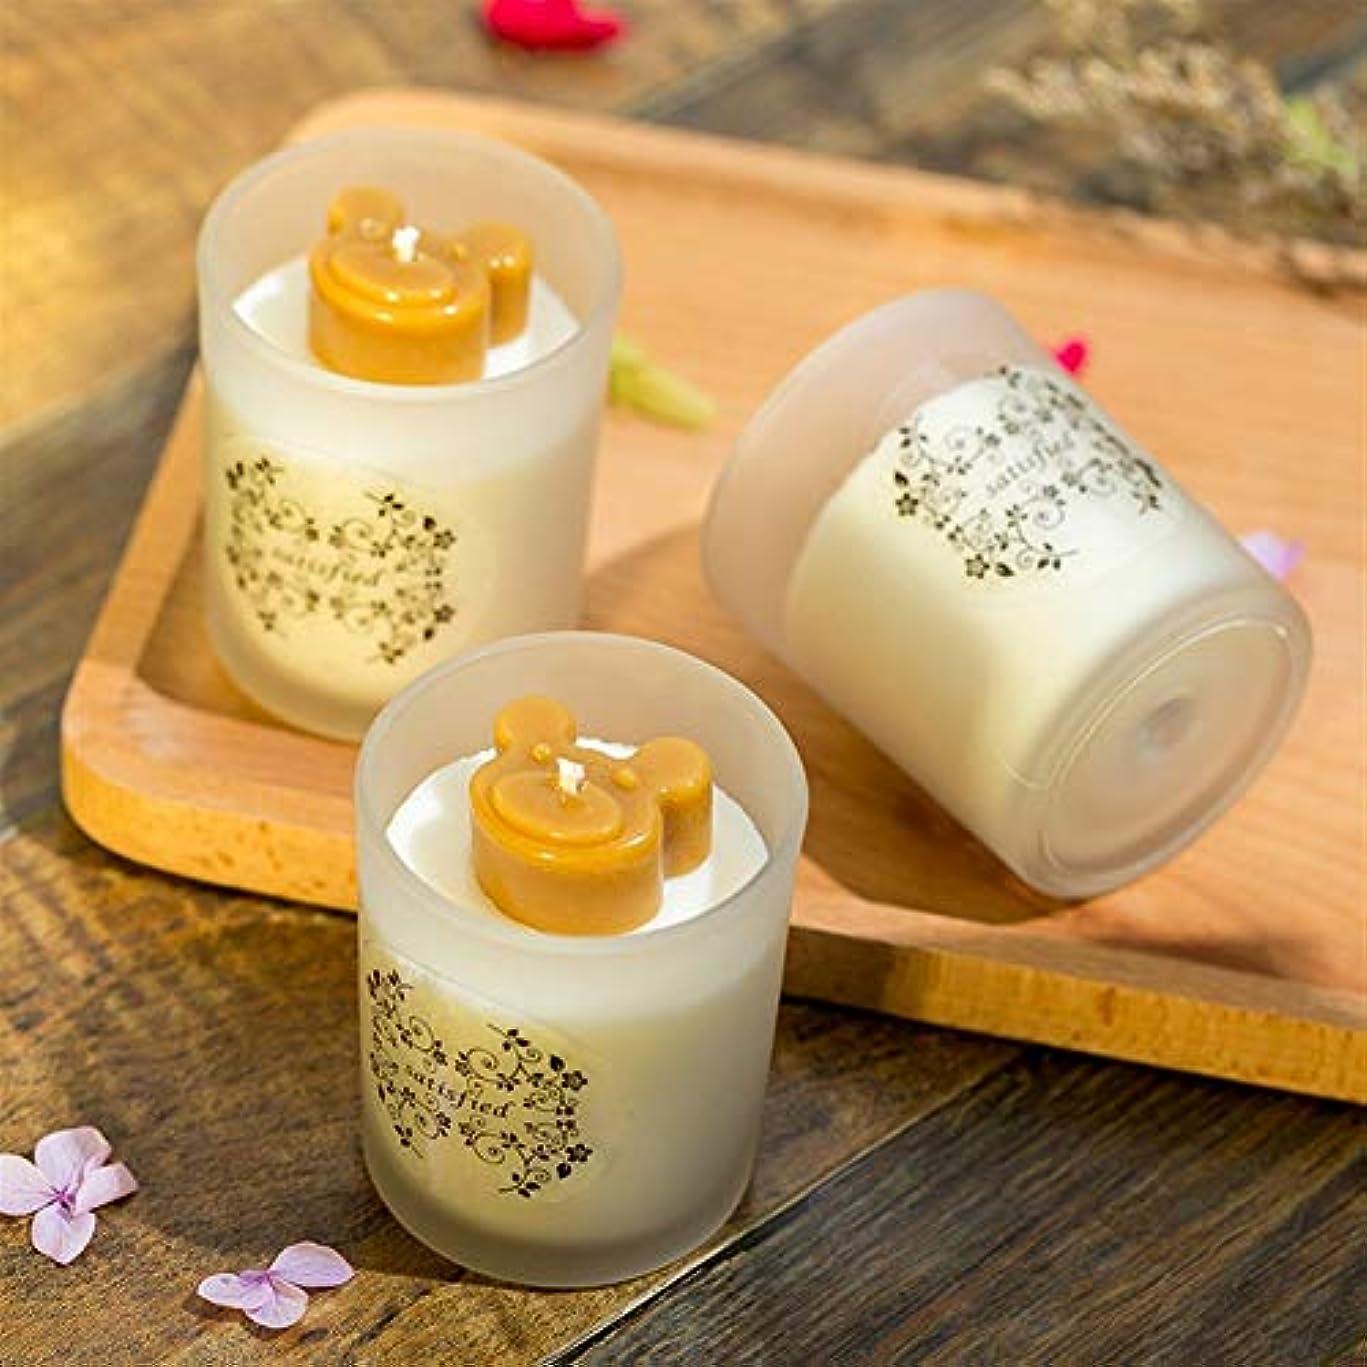 事業内容コンチネンタル痛みGuomao 曇らされたガラスボトル、小さなクマ、アロマセラピー、健康と長続き、香りキャンドル、オフィスの結婚式の装飾用品 (色 : Lavender)